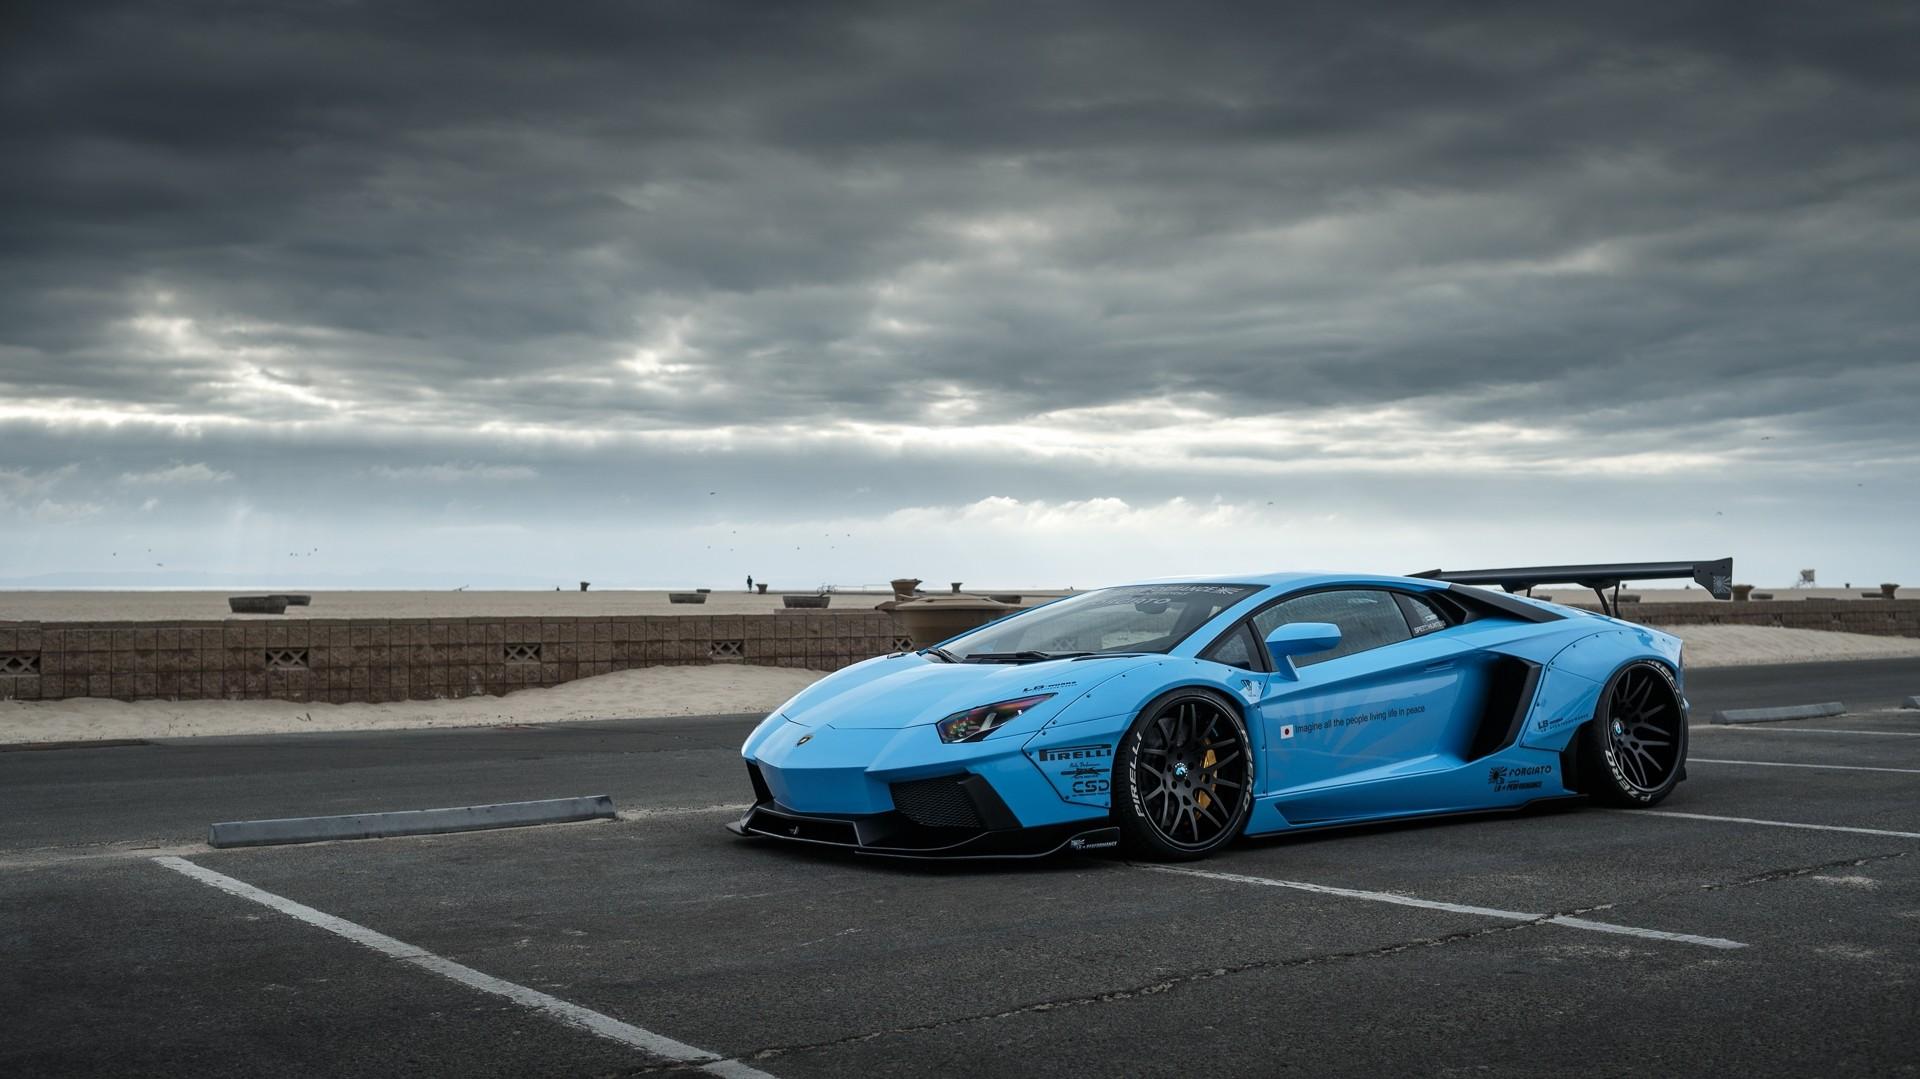 Wallpaper Blue Cars Lamborghini Aventador Lamborghini Gallardo